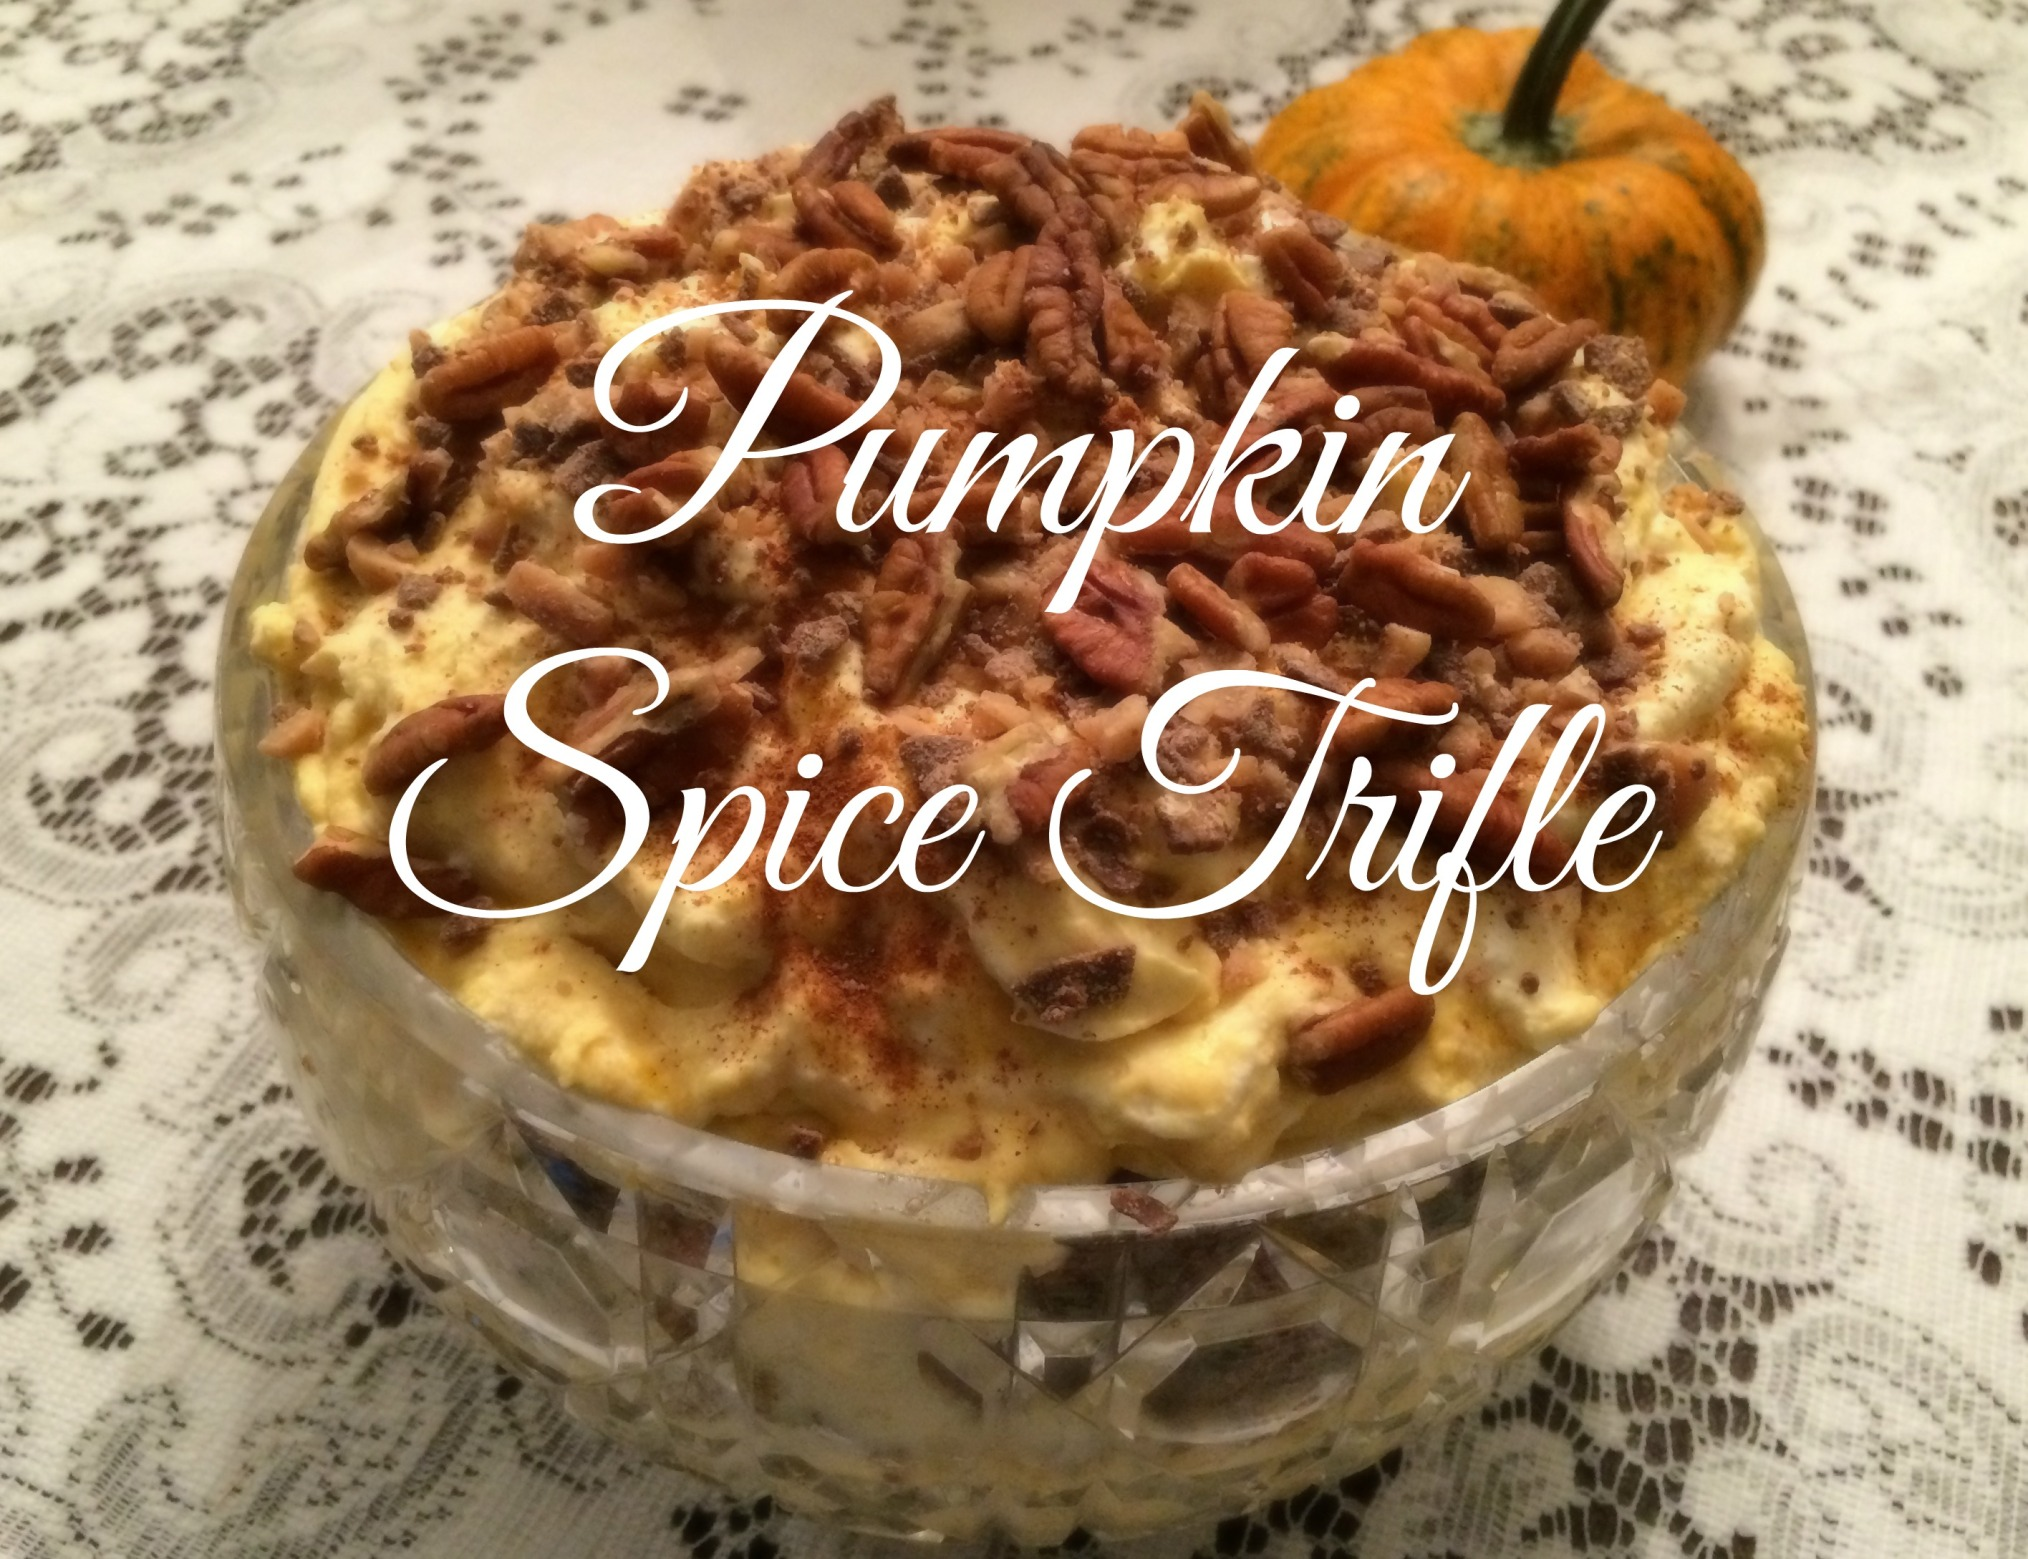 Pumpkin Spice Trifle